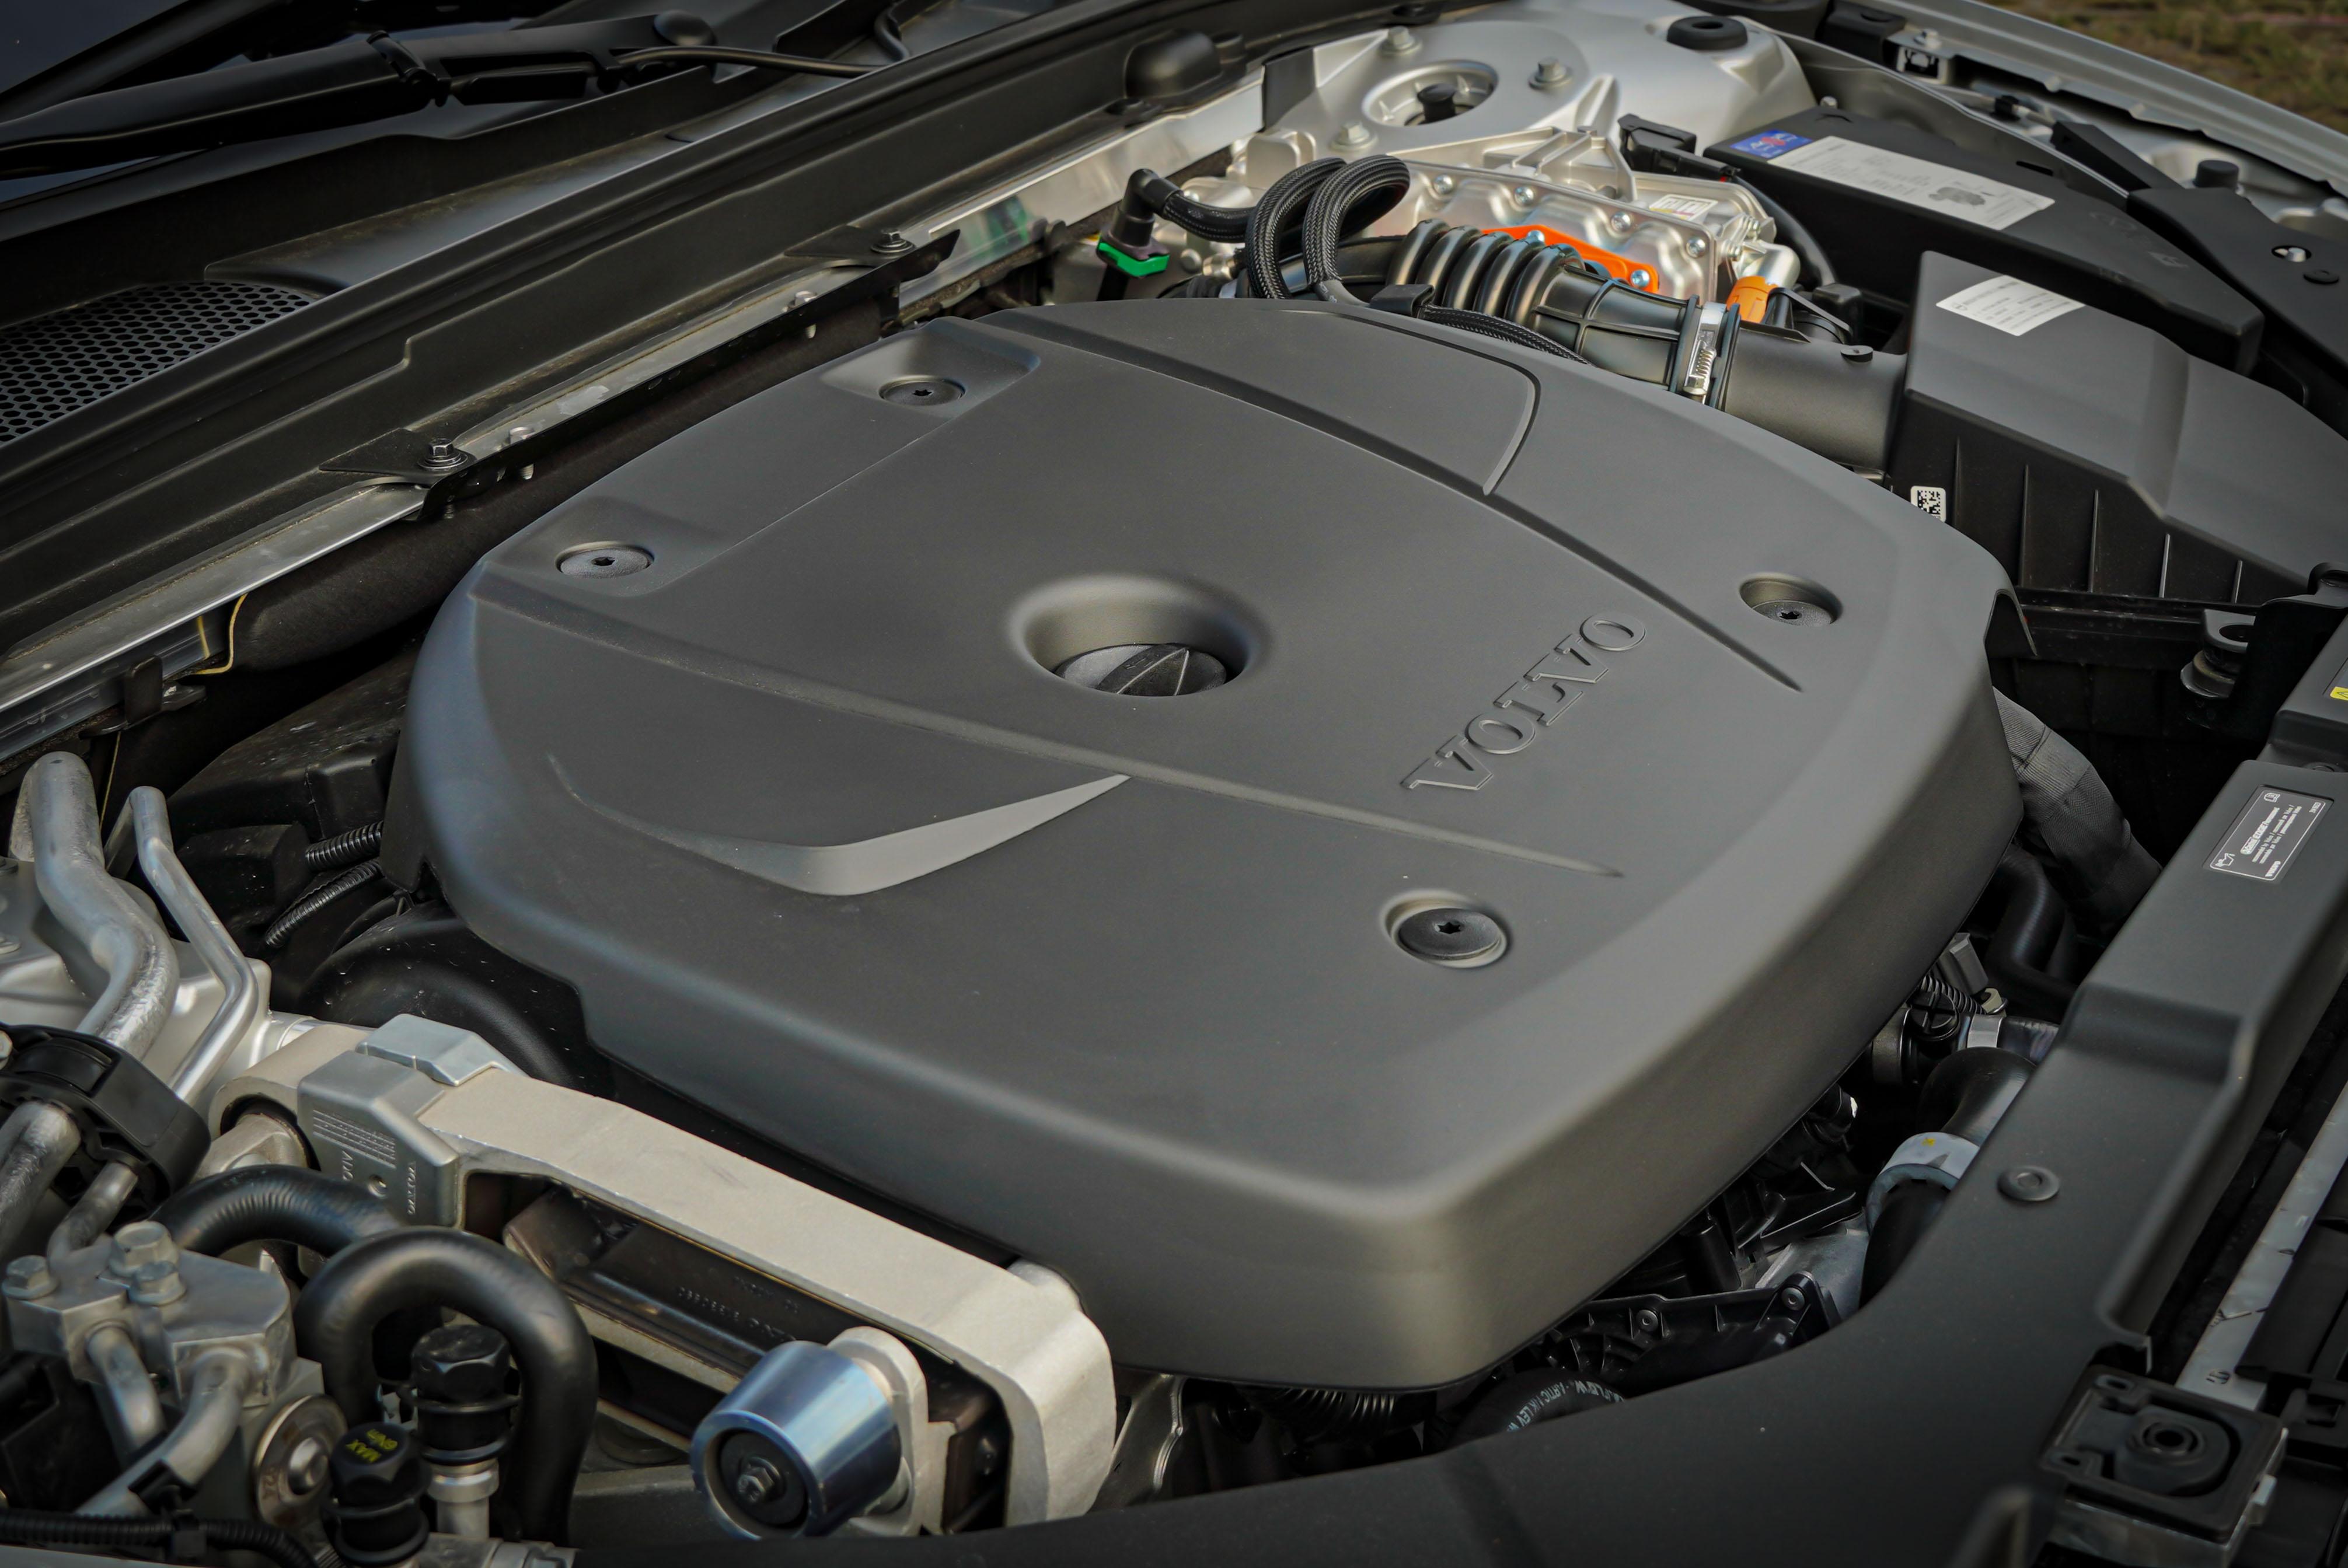 橫置直列四缸機械增壓 / 渦輪增壓具備 253hp/35.7 kgm 動力輸出,電動馬達動力為 87hp/24.5 kgm。